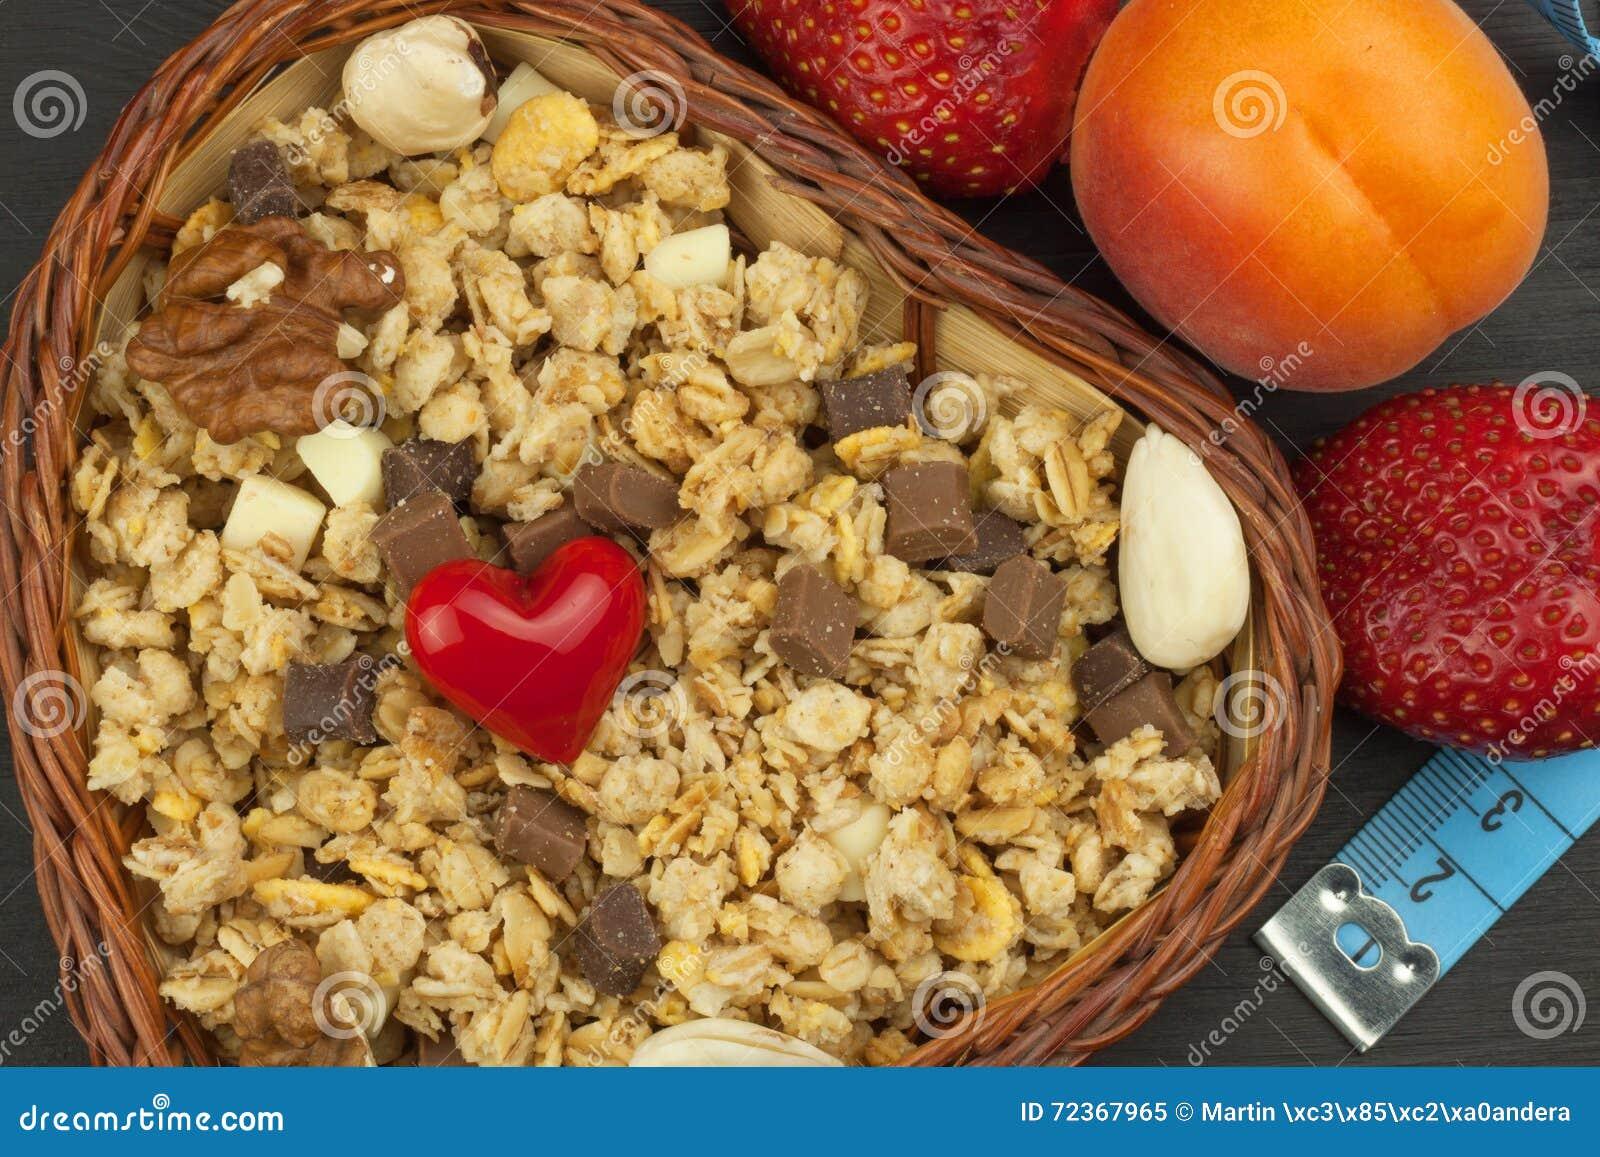 运动员的健康膳食补充剂 早餐Muesli和果子的Cheerios 减重的饮食 吃的Muesli